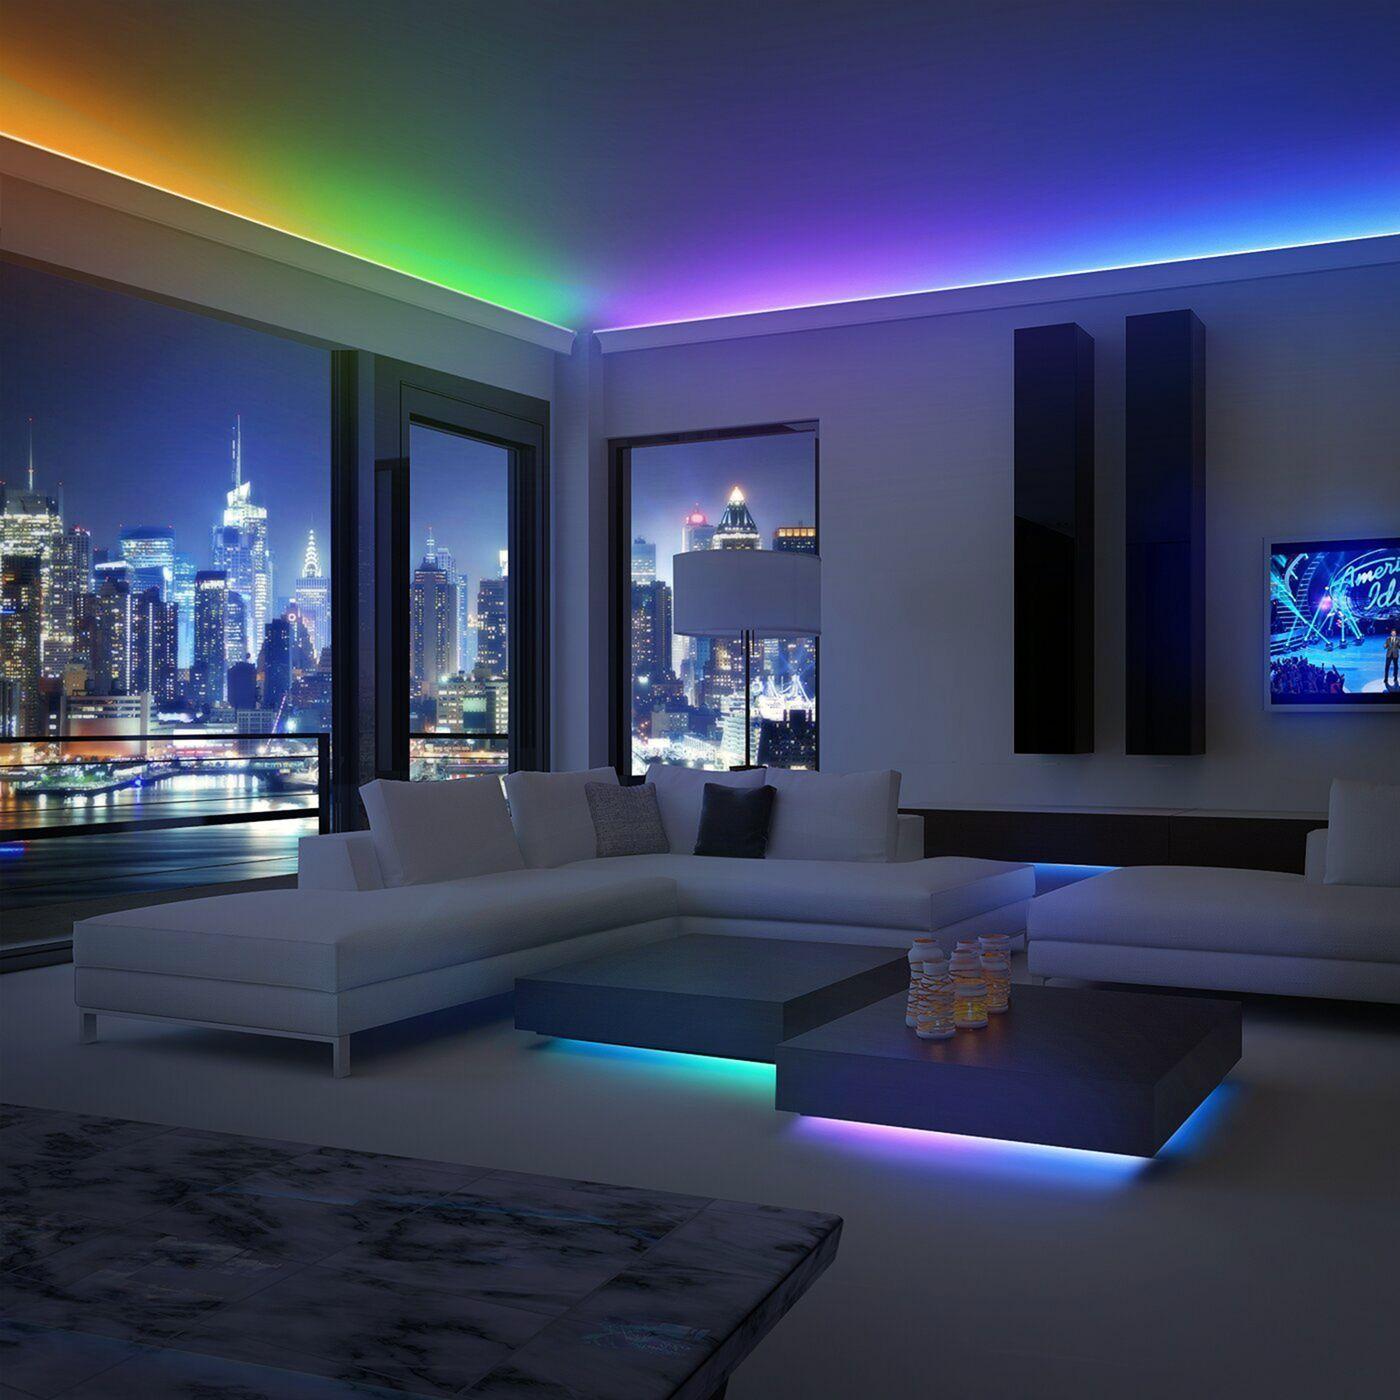 7 Best Led Strip Lights Design Ideas For Impressive Homes Interior Waterproof Led Lights House Design Room Lights